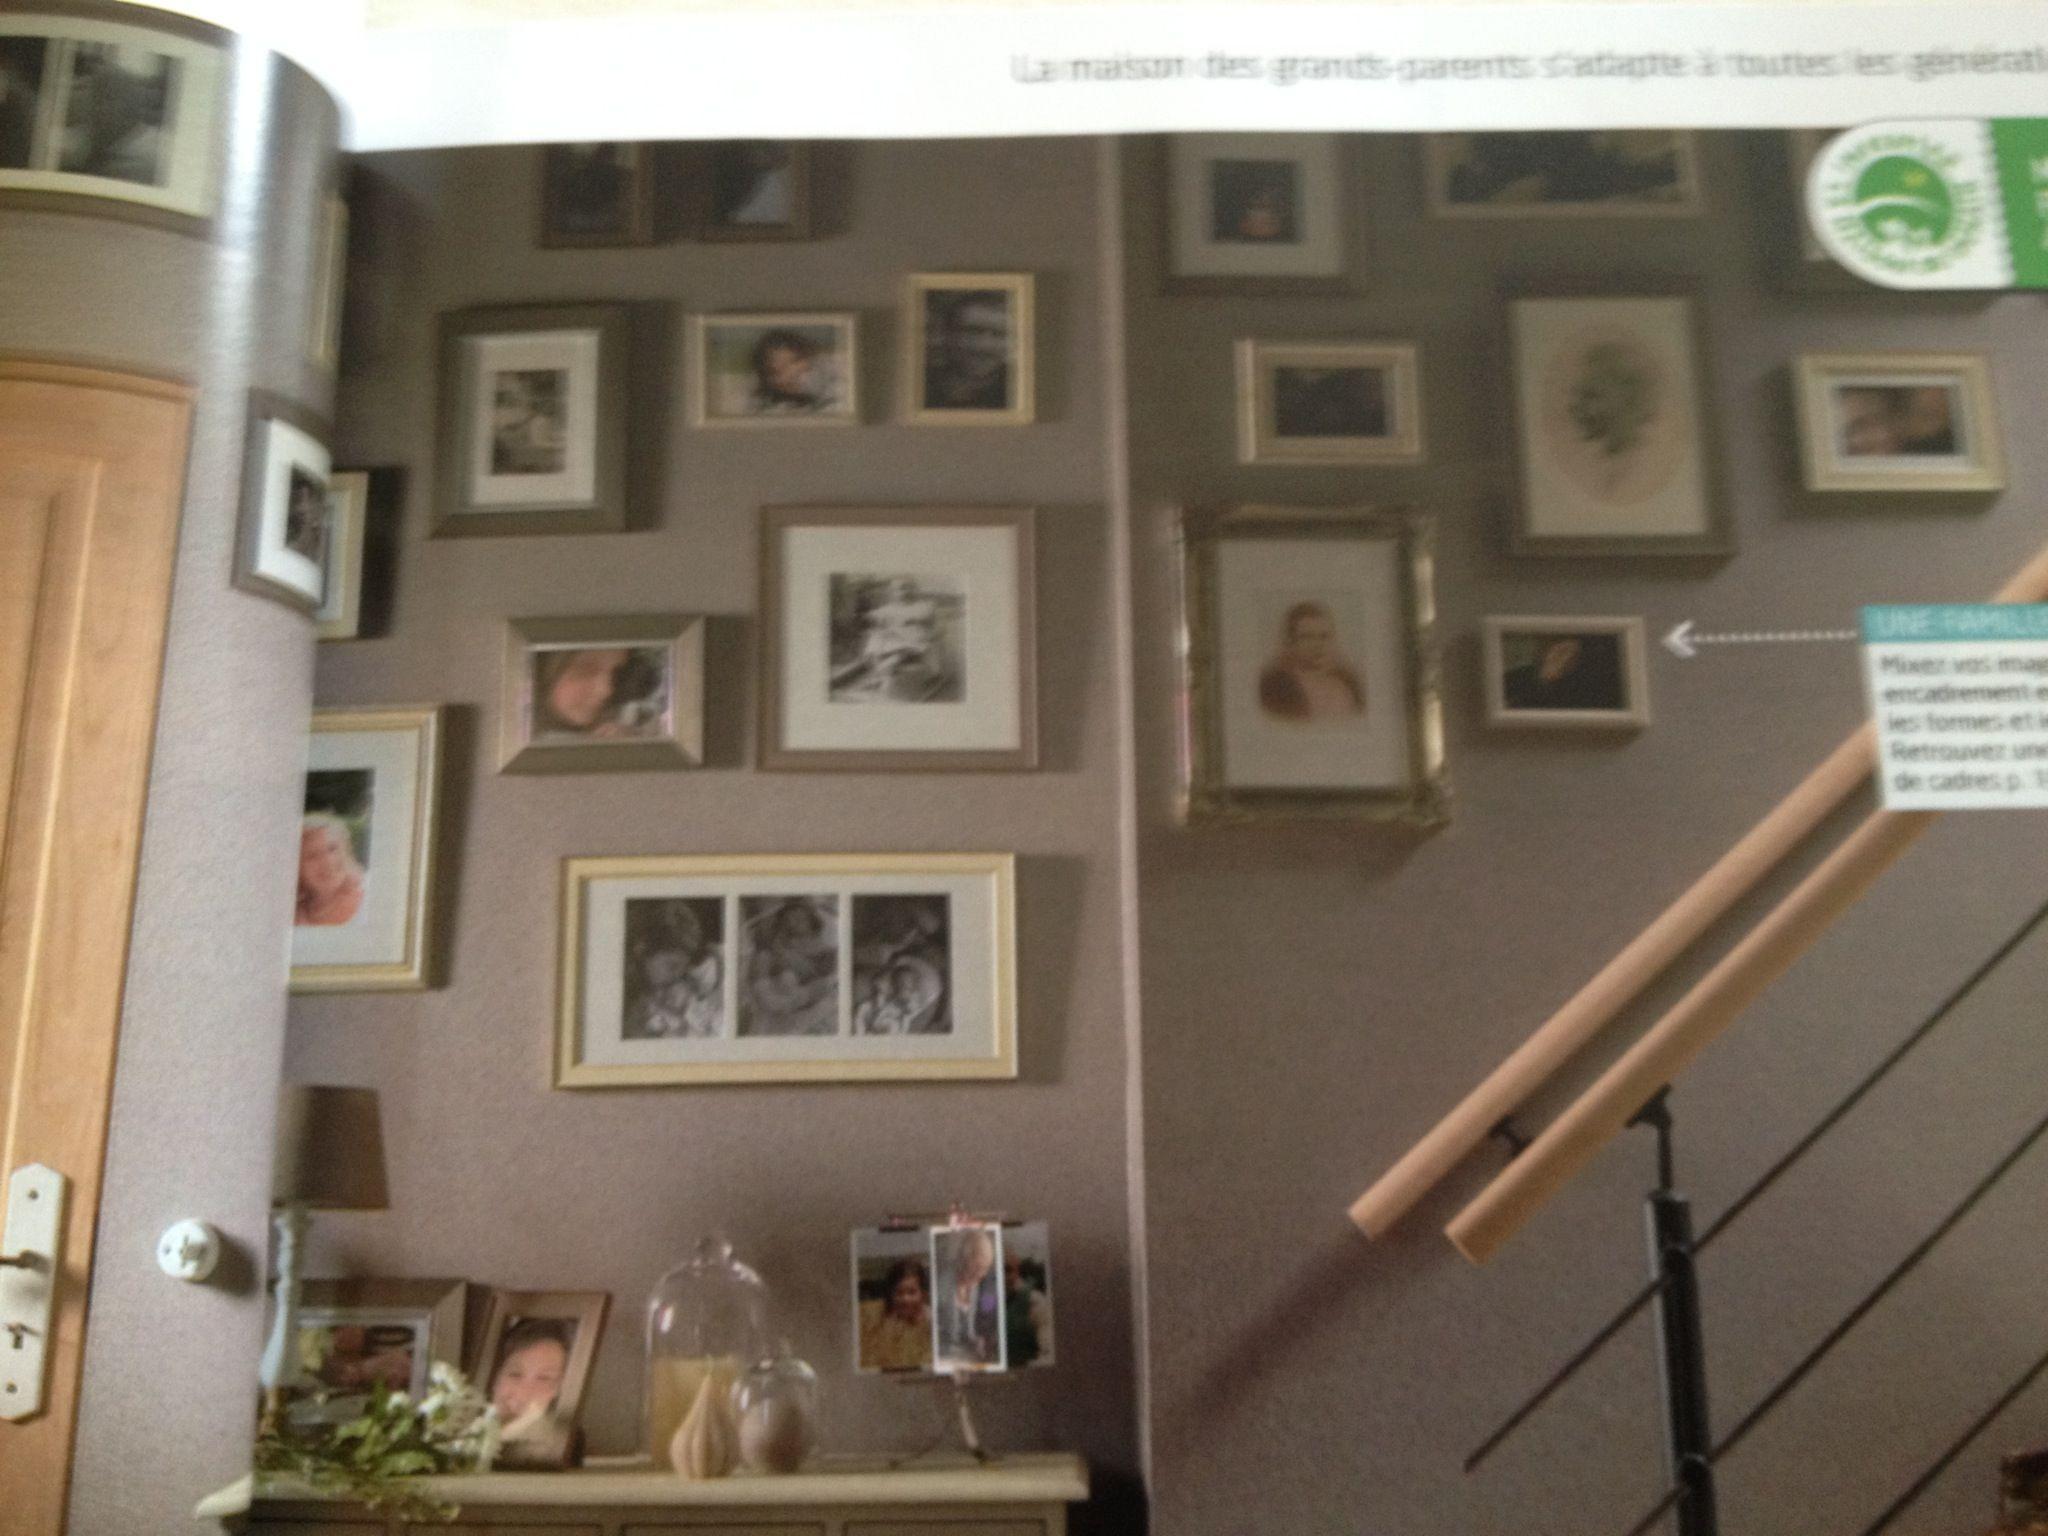 Porte Cuisine Montée Sur Cadre une montée d'escalier pleine de souvenirs et de cadres